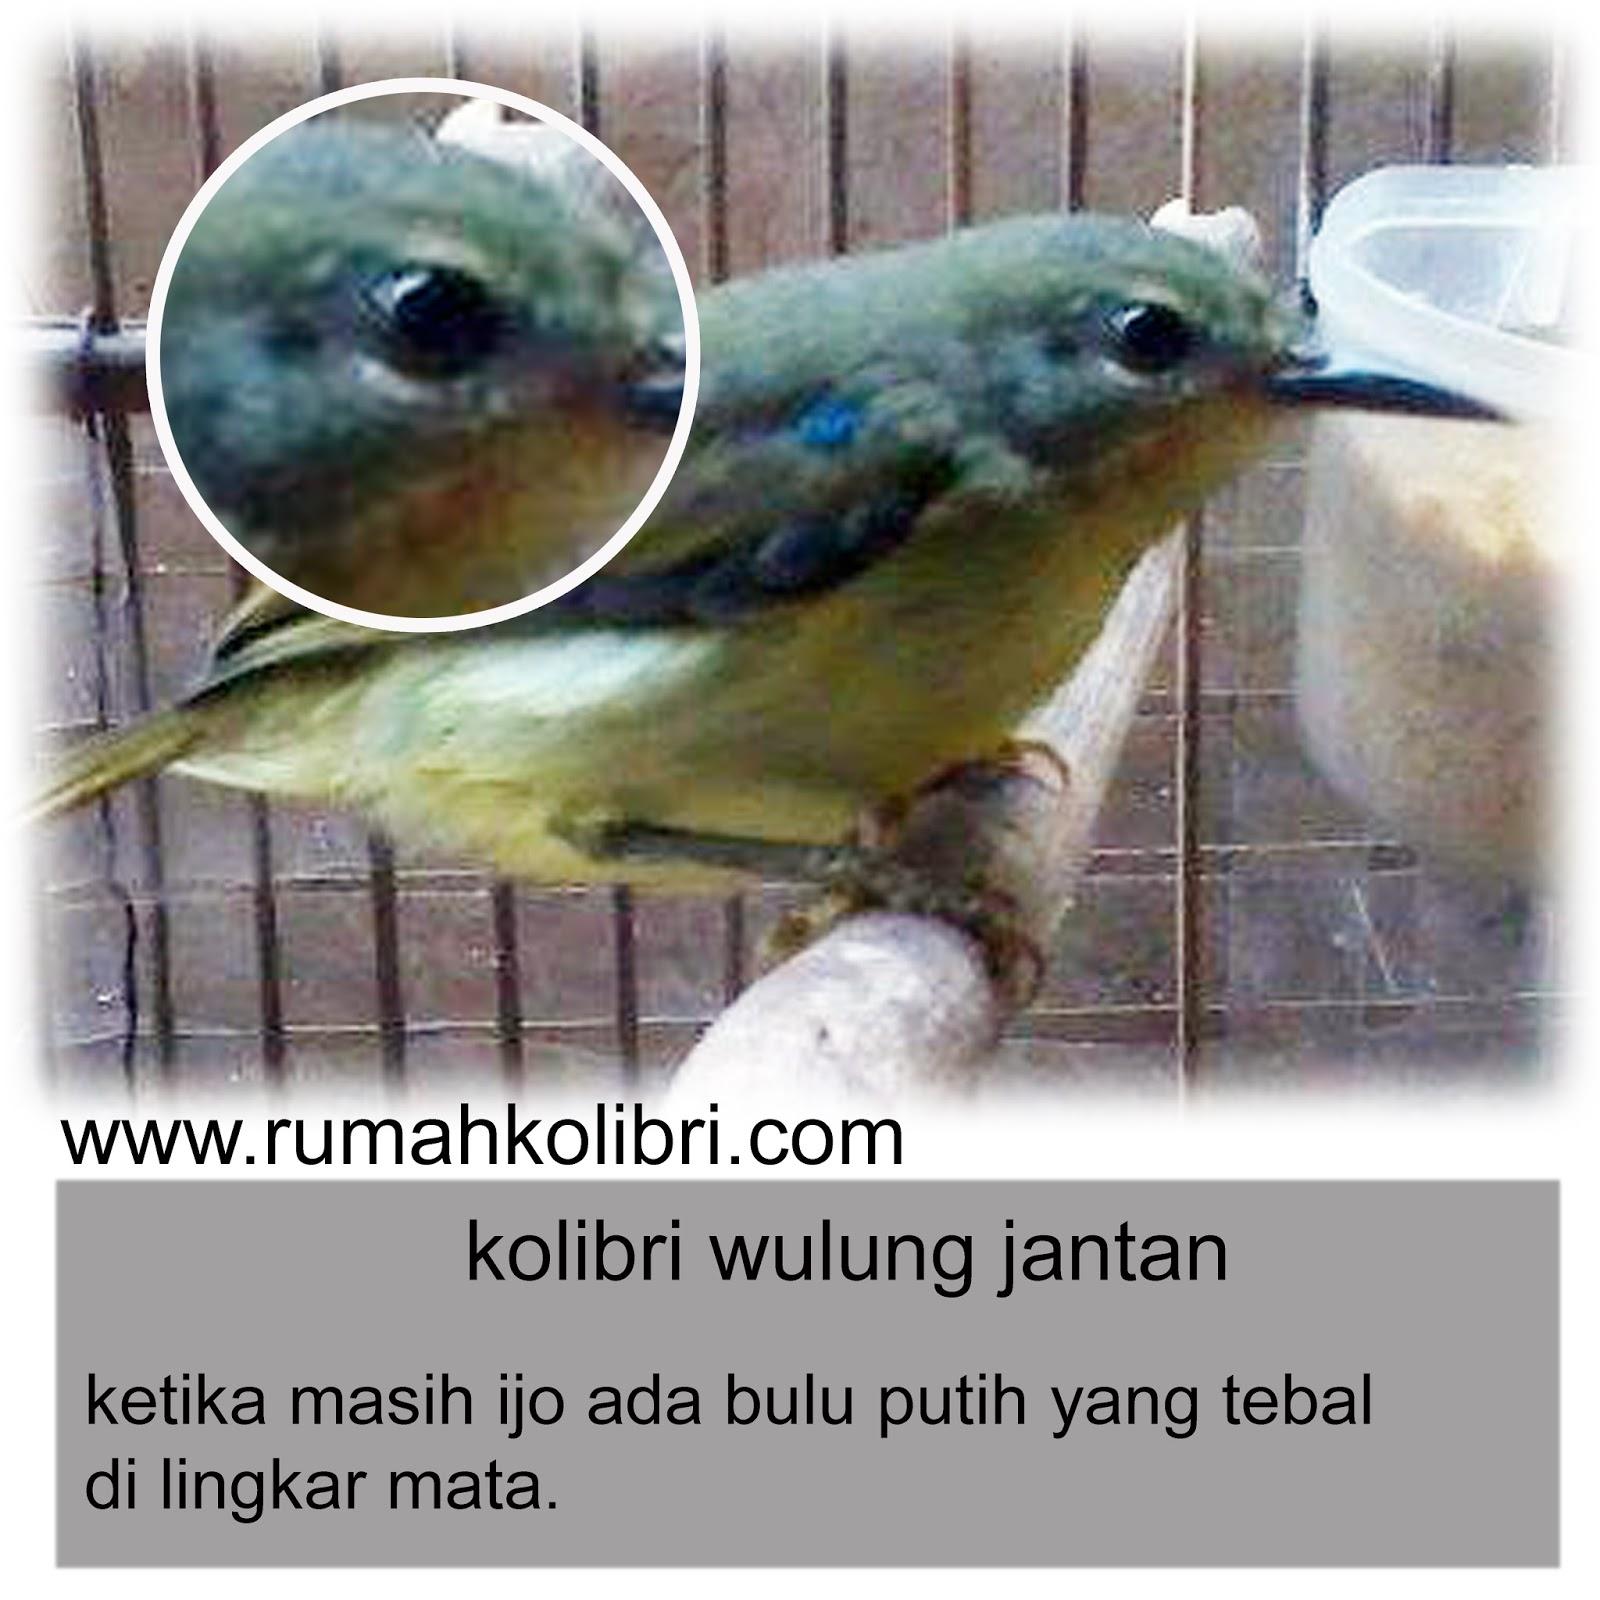 Cara Membedakan Jantan Betina Kolibri Wulung